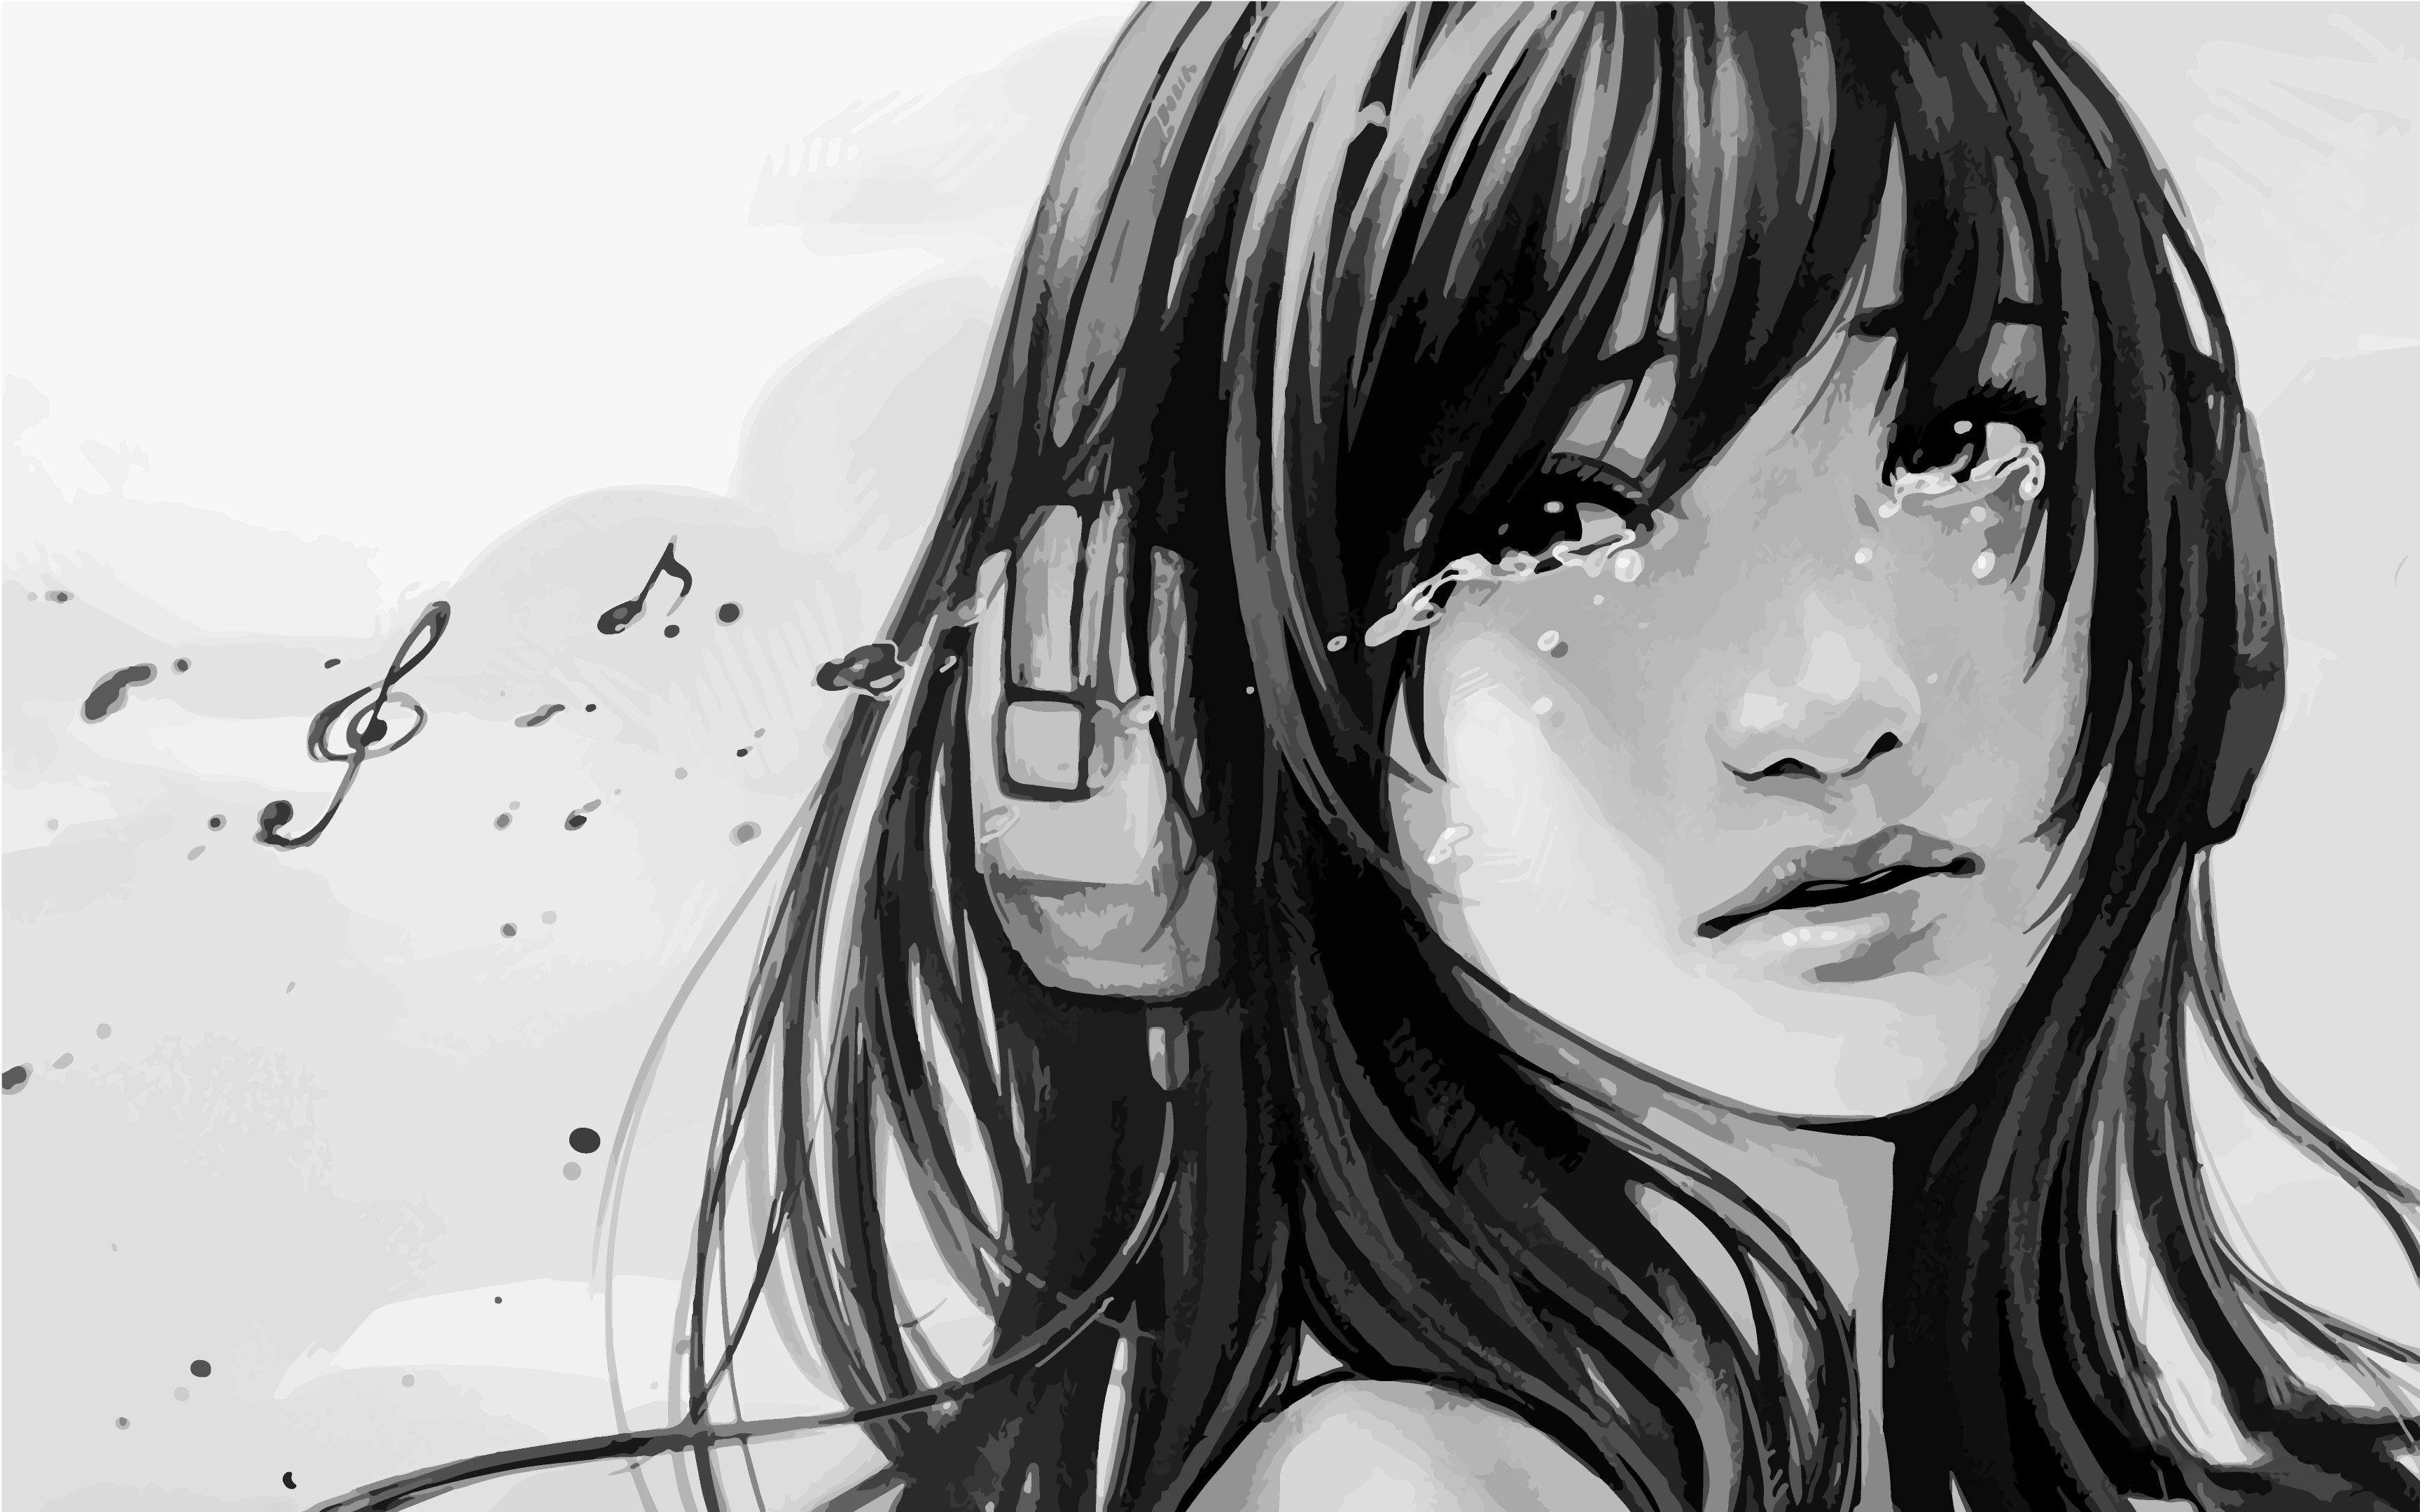 Sad crying anime wallpapers top free sad crying anime